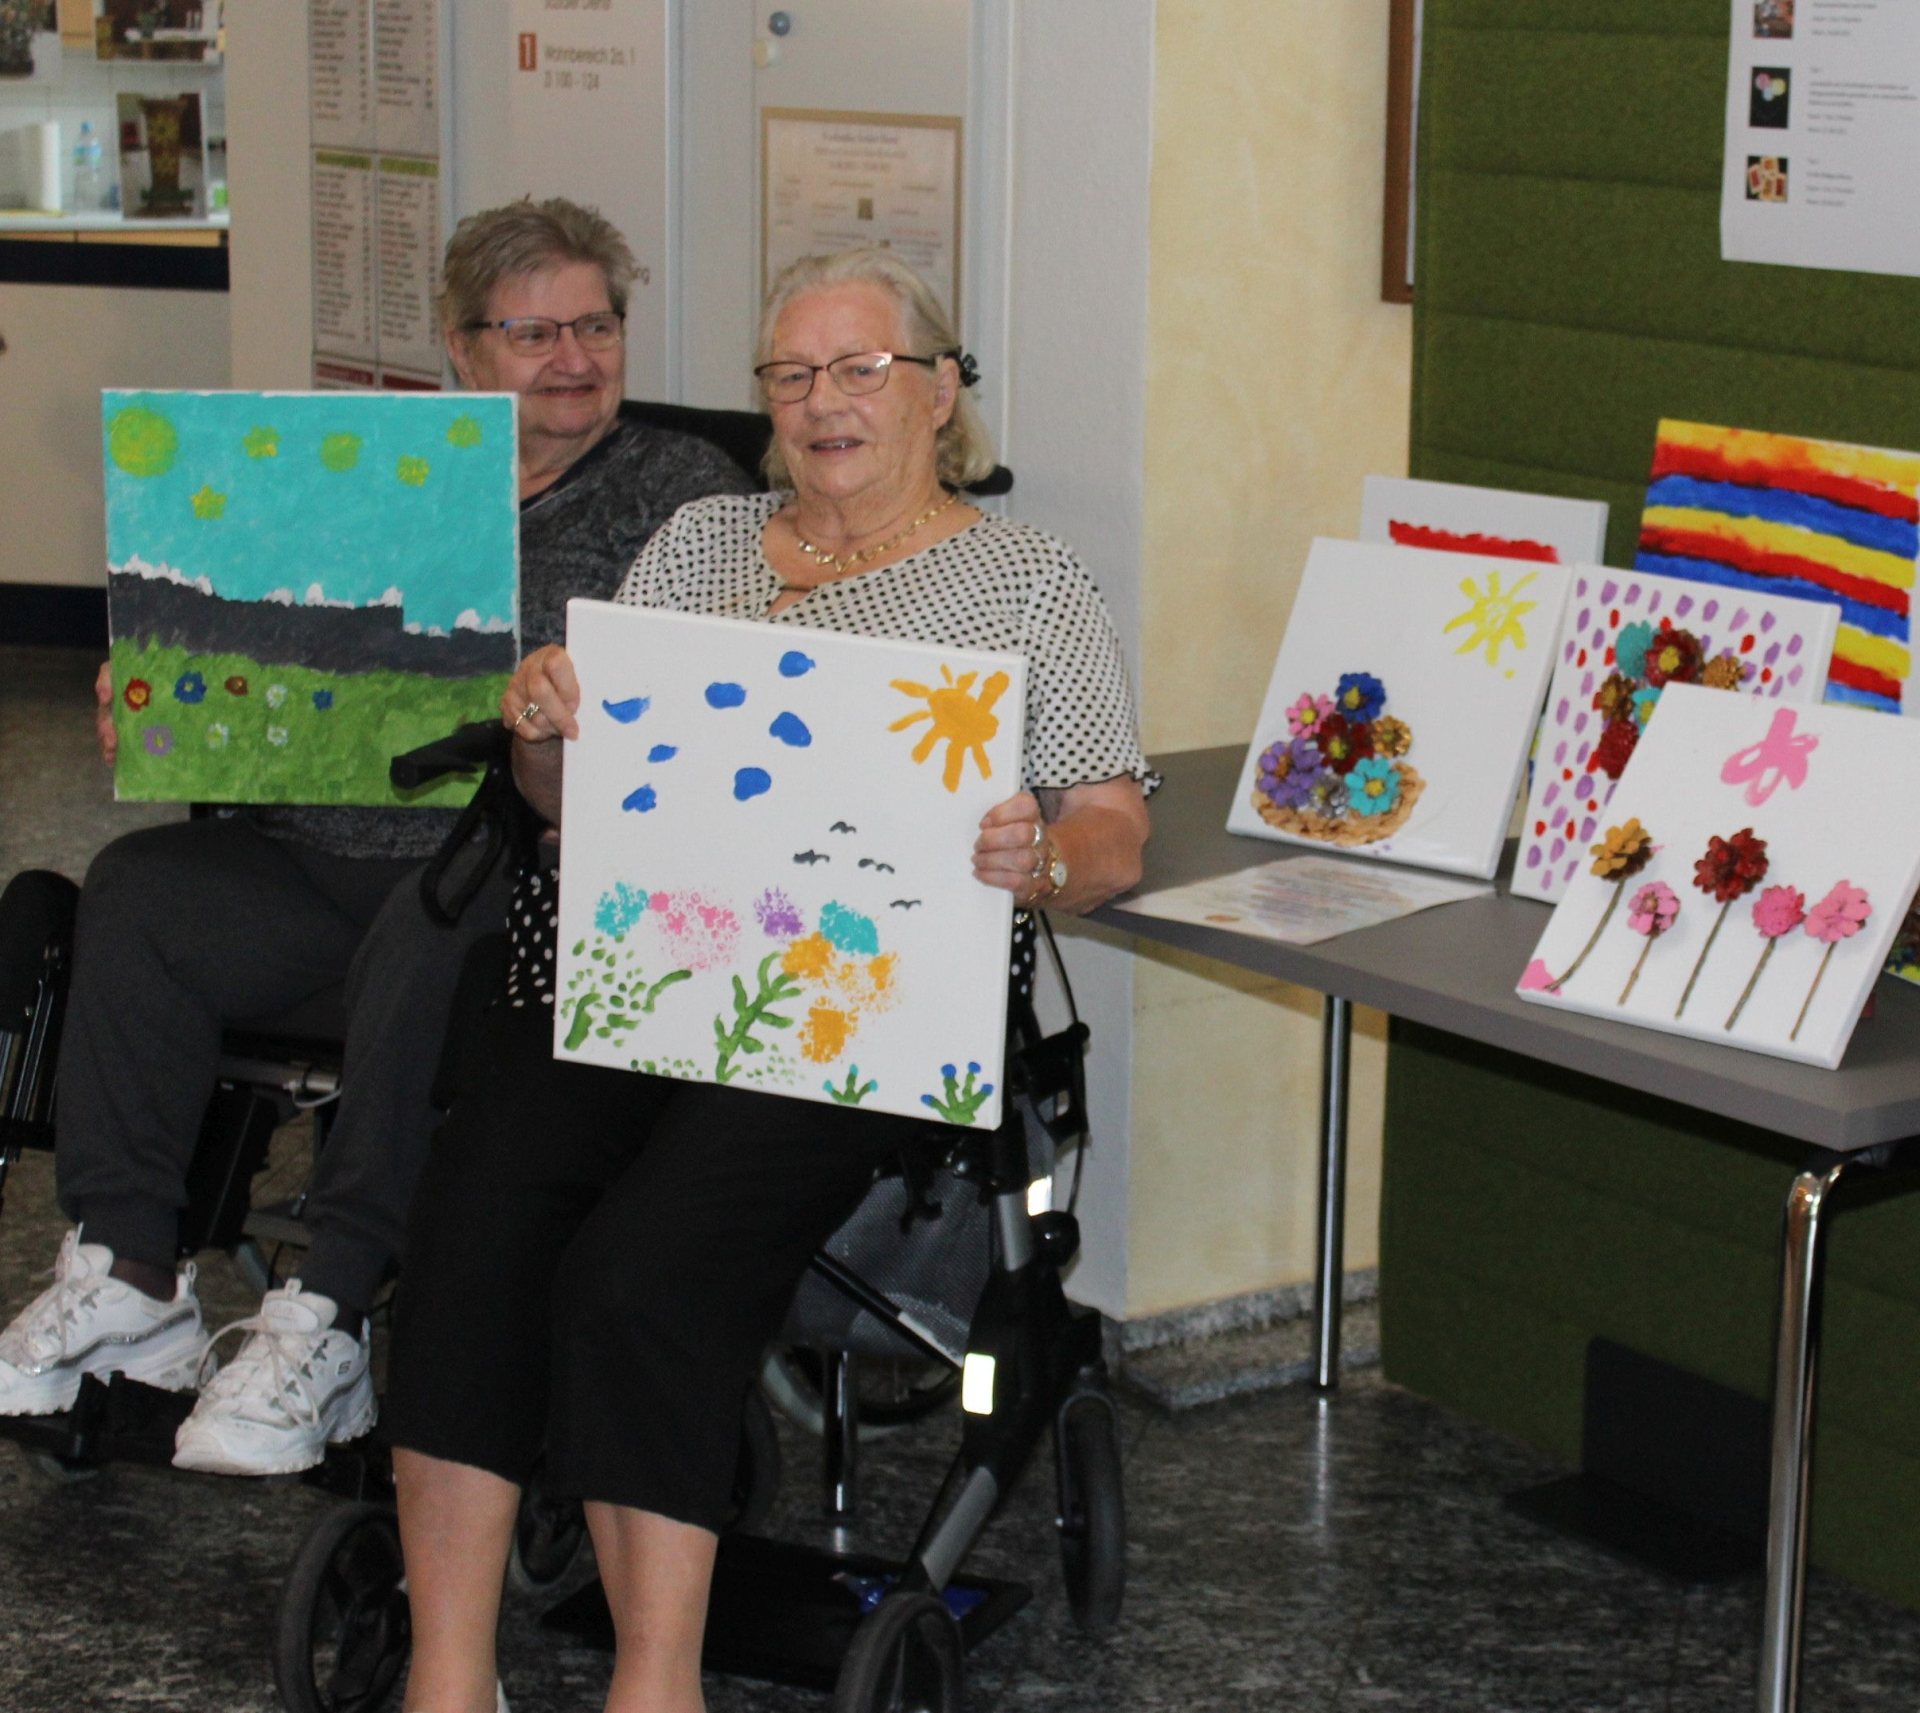 Foto: Bewohnerinnen des MCH präsentieren Kunstwerke